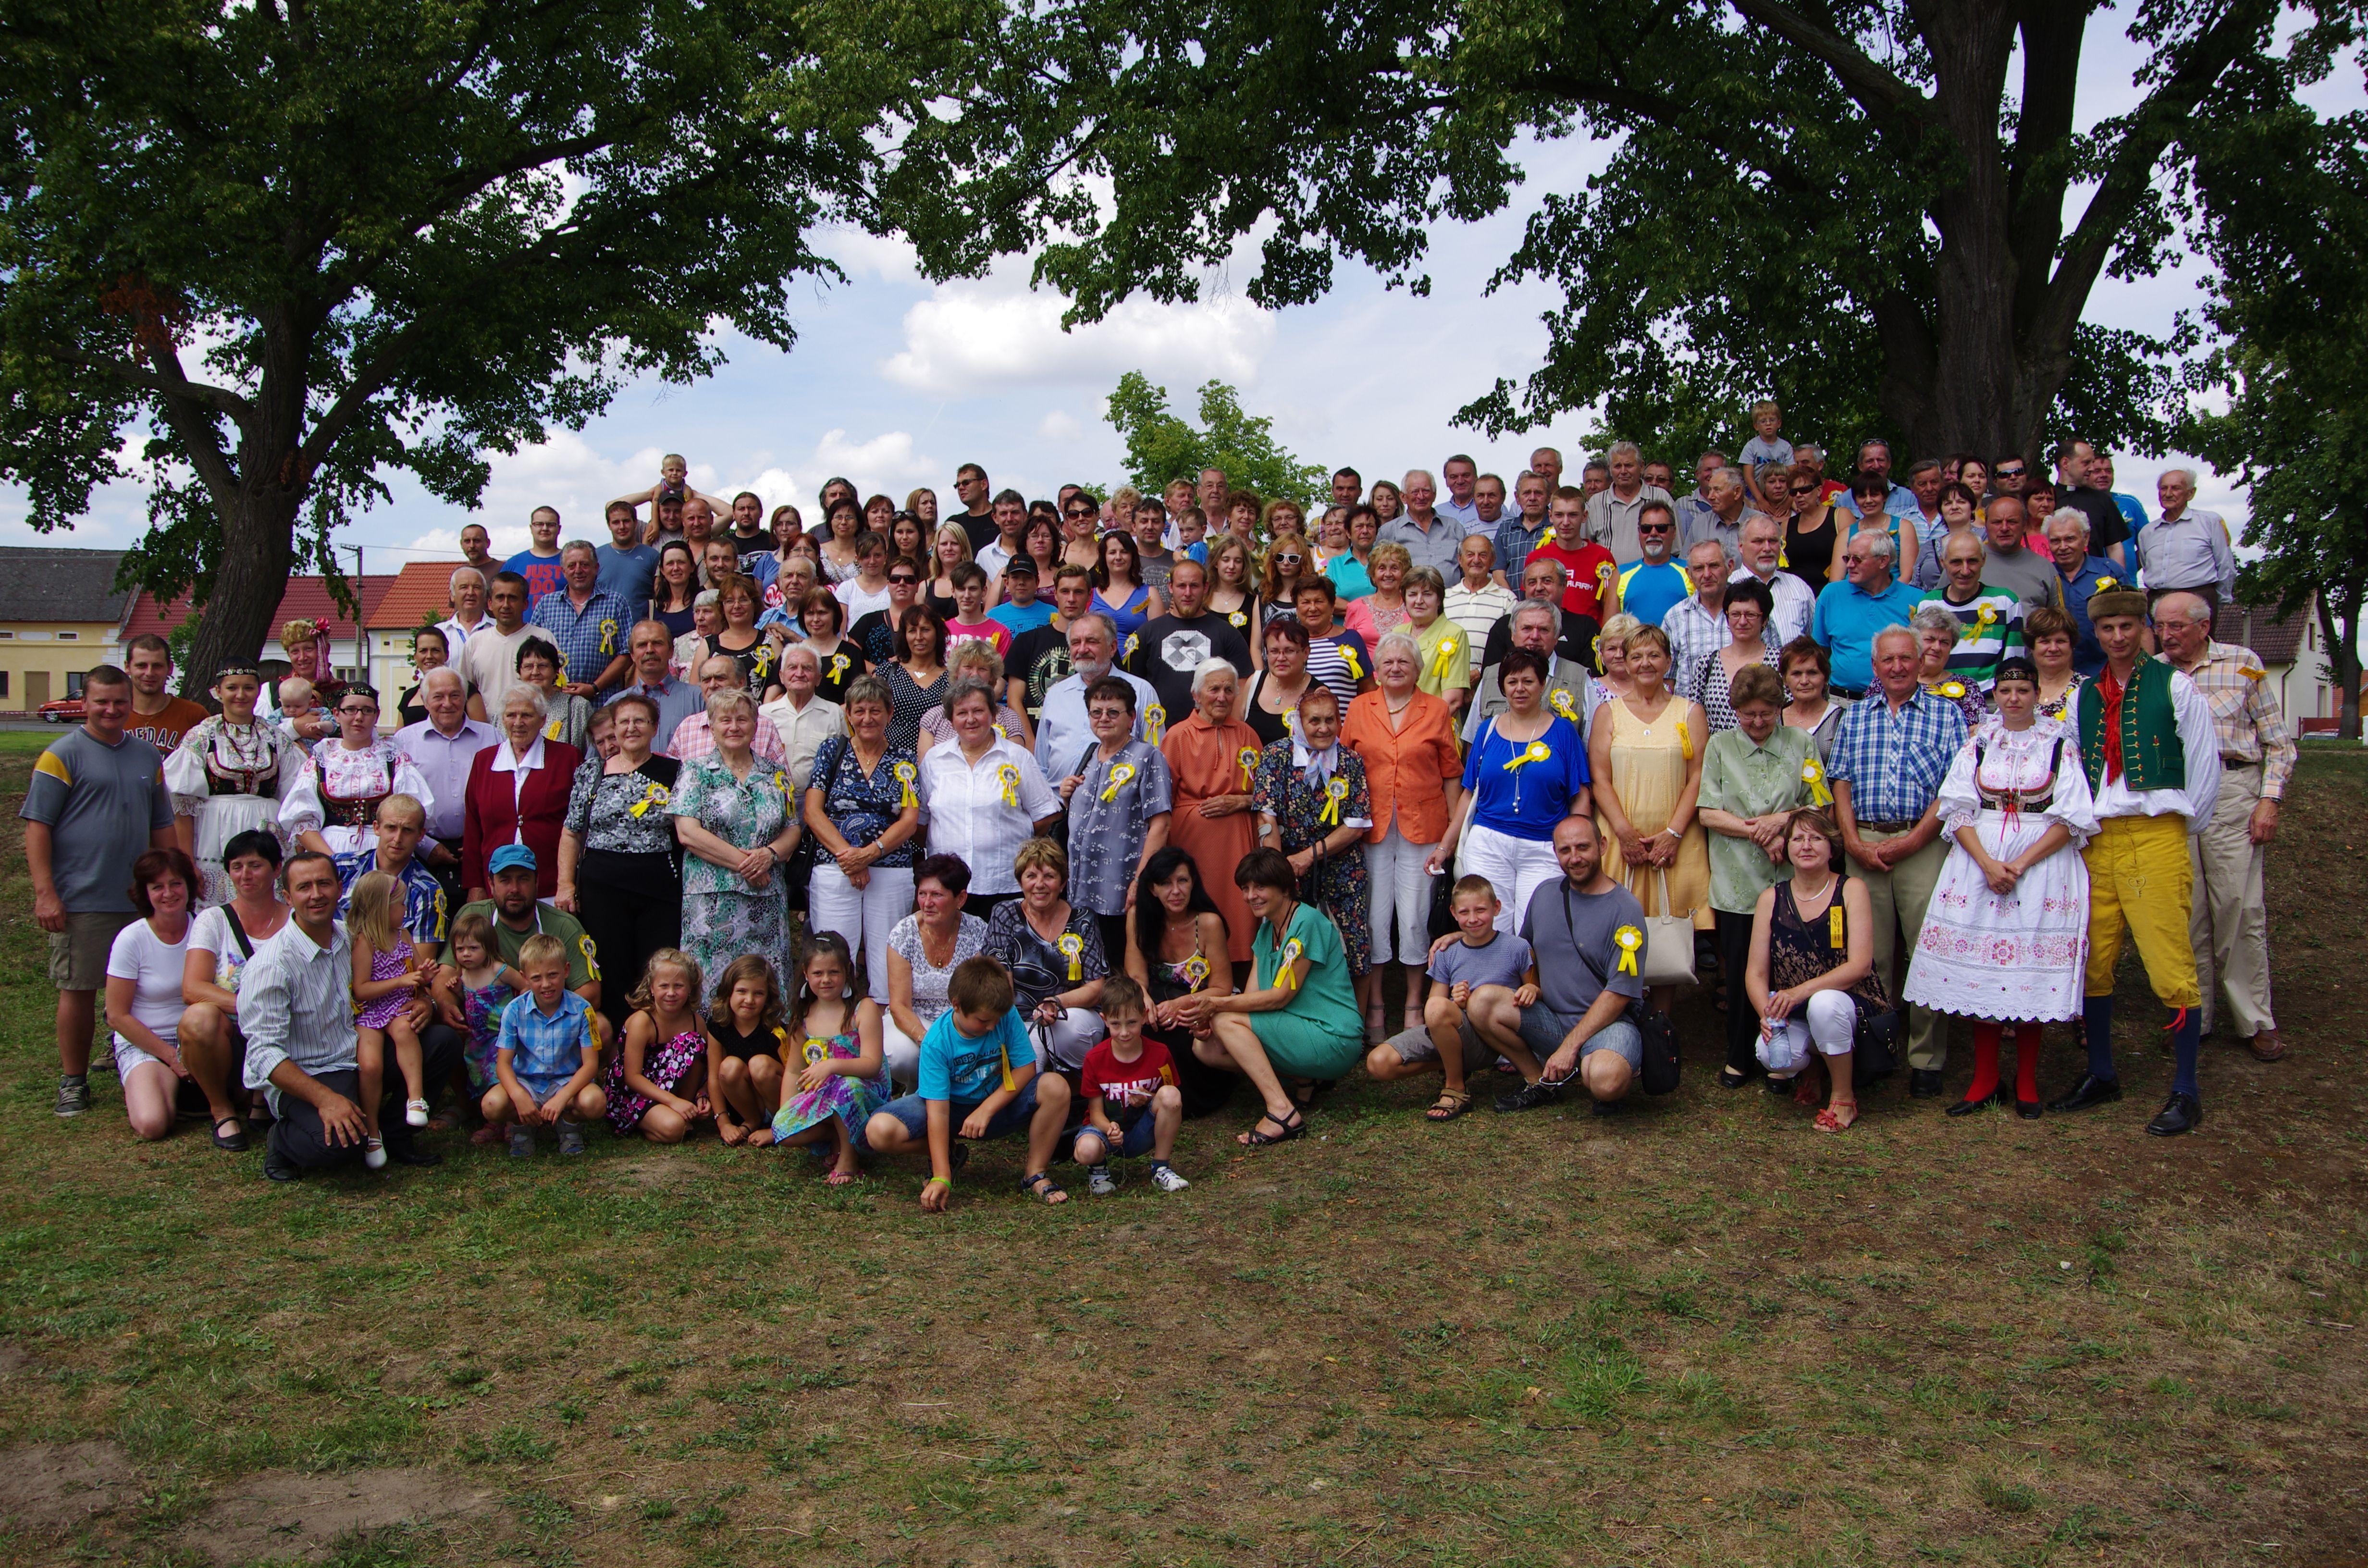 První setkání rodáků a přátel obce u příležitosti 660. výročí obce